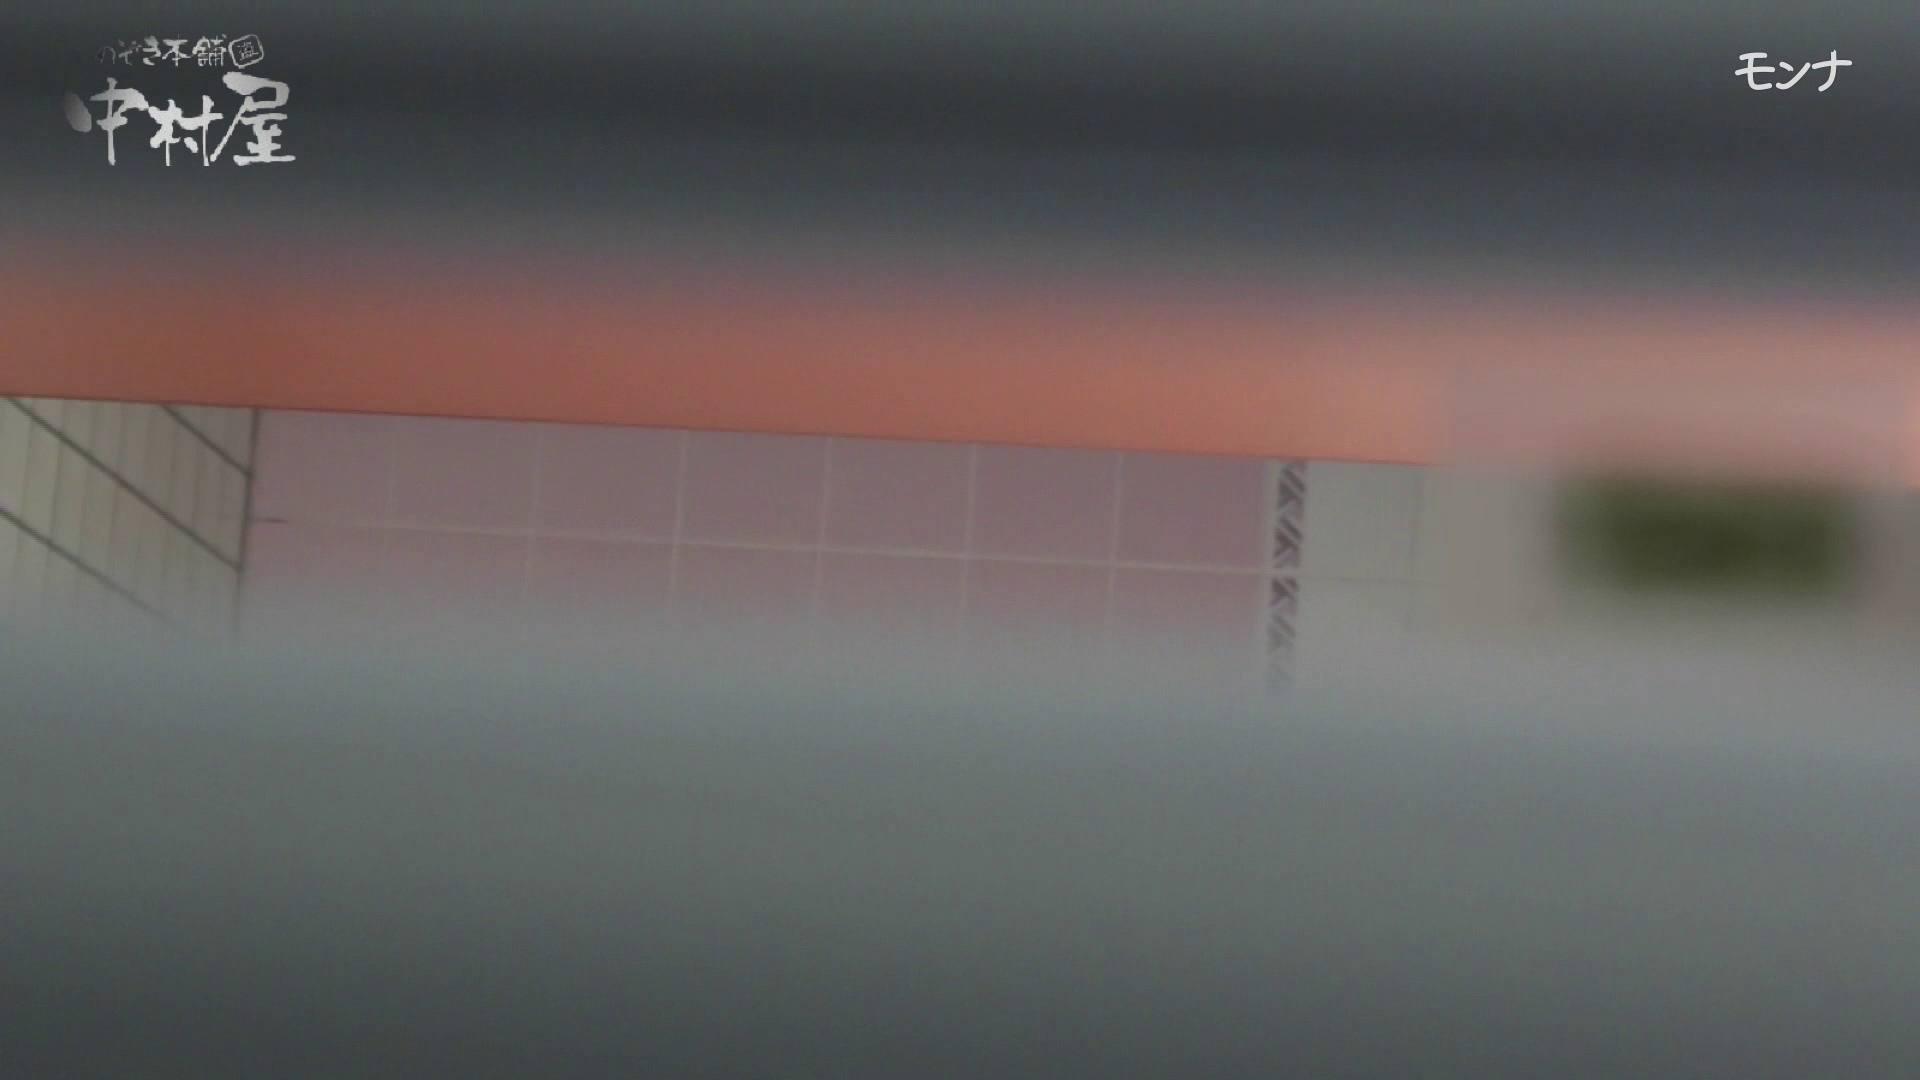 美しい日本の未来 No.49 何があった?カメラ持ちながらみんなの前に!潜り抜け 後編 覗き 盗撮ヌード画像 45PICs 26